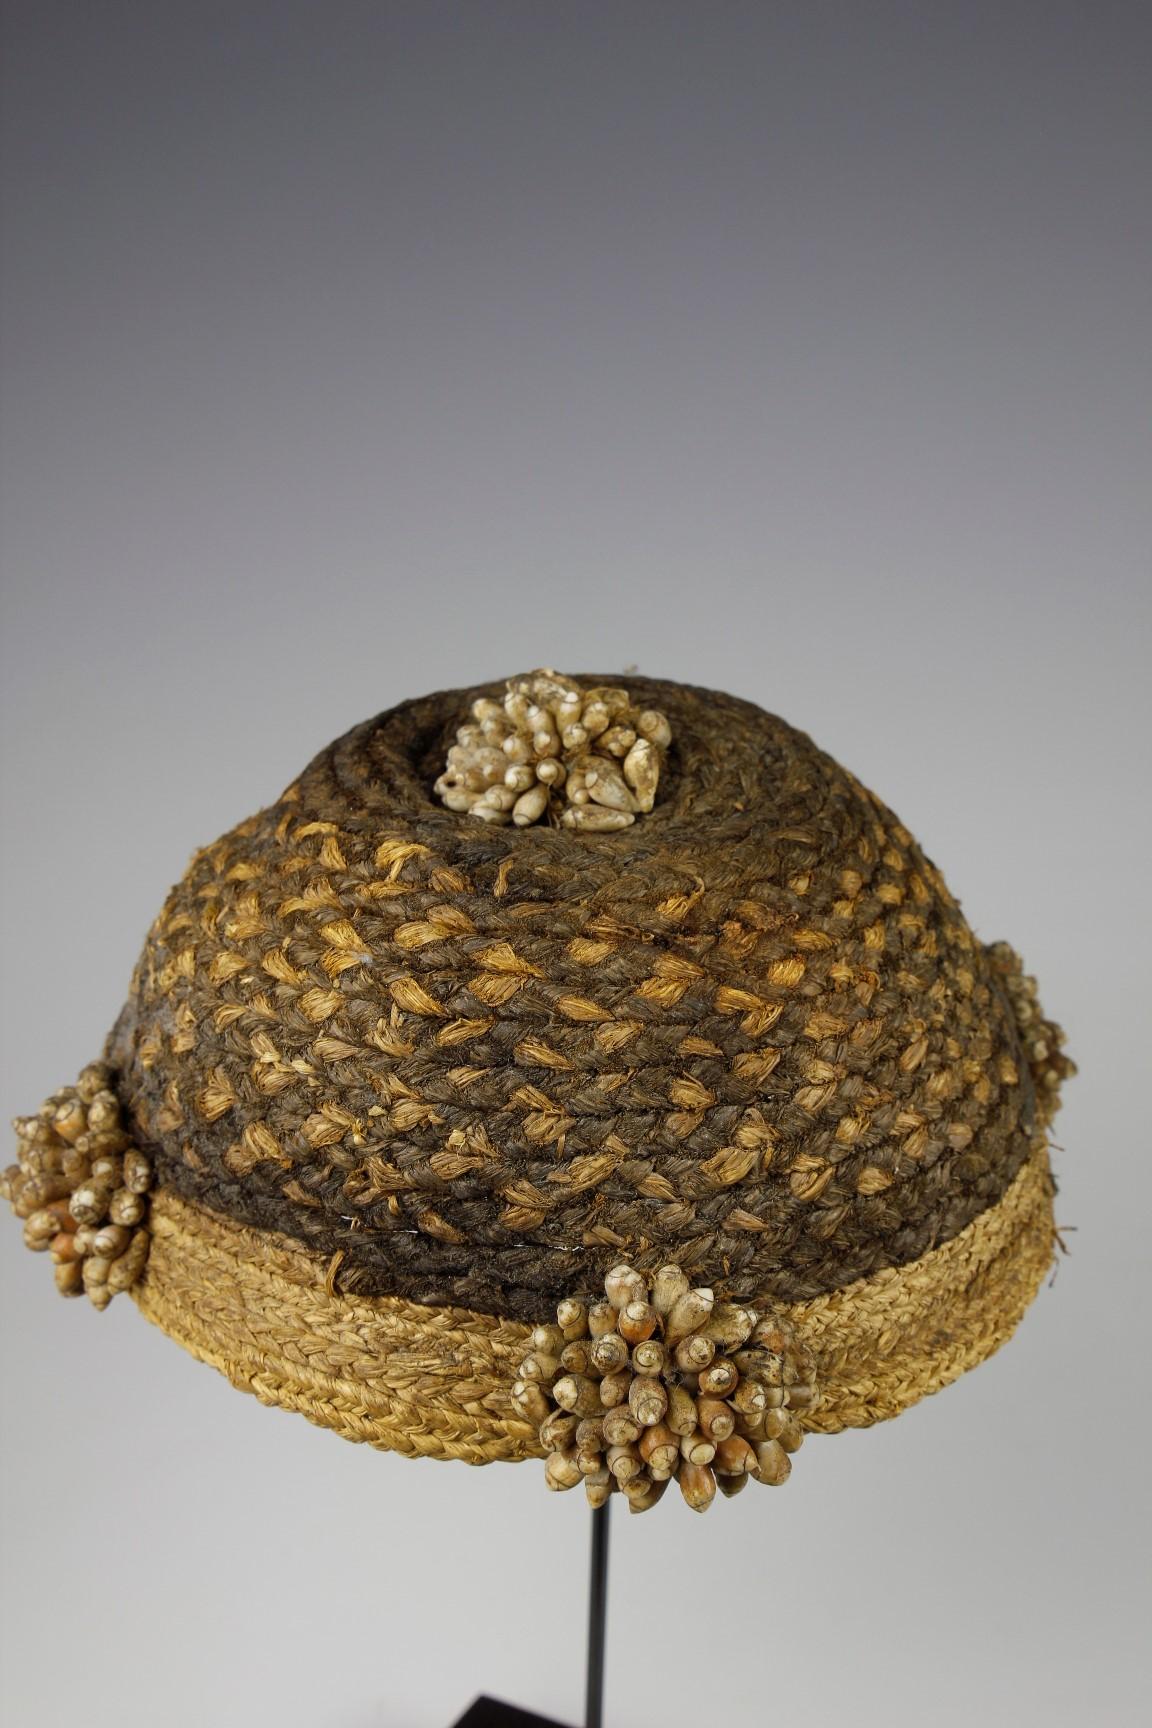 Chieftain's Cap